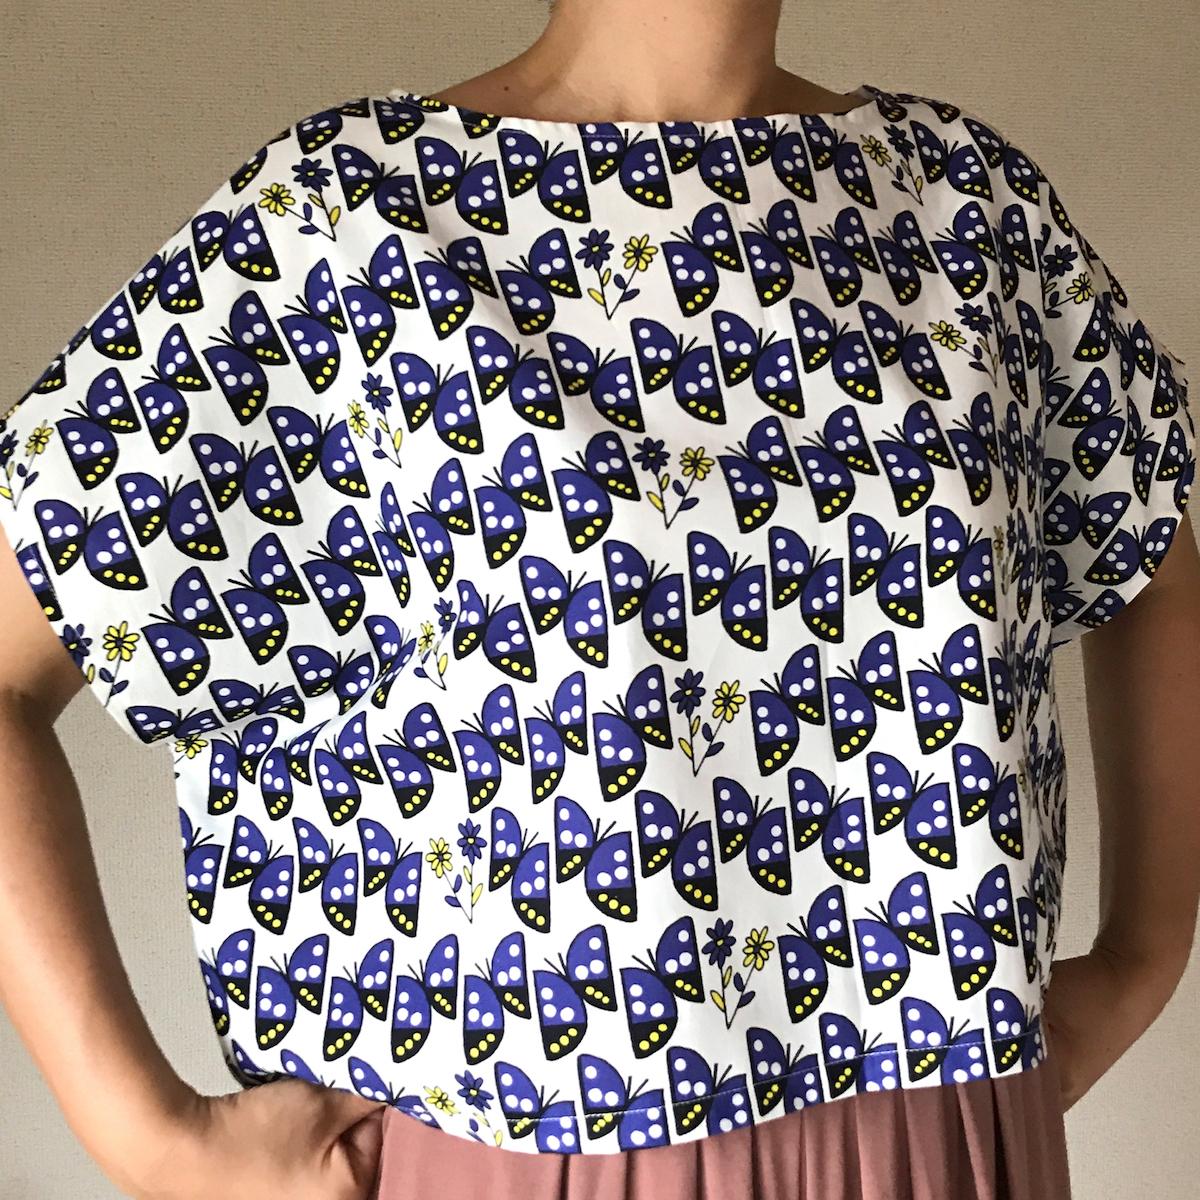 日本の国蝶・オオムラサキ柄の布を使ったブラウス。